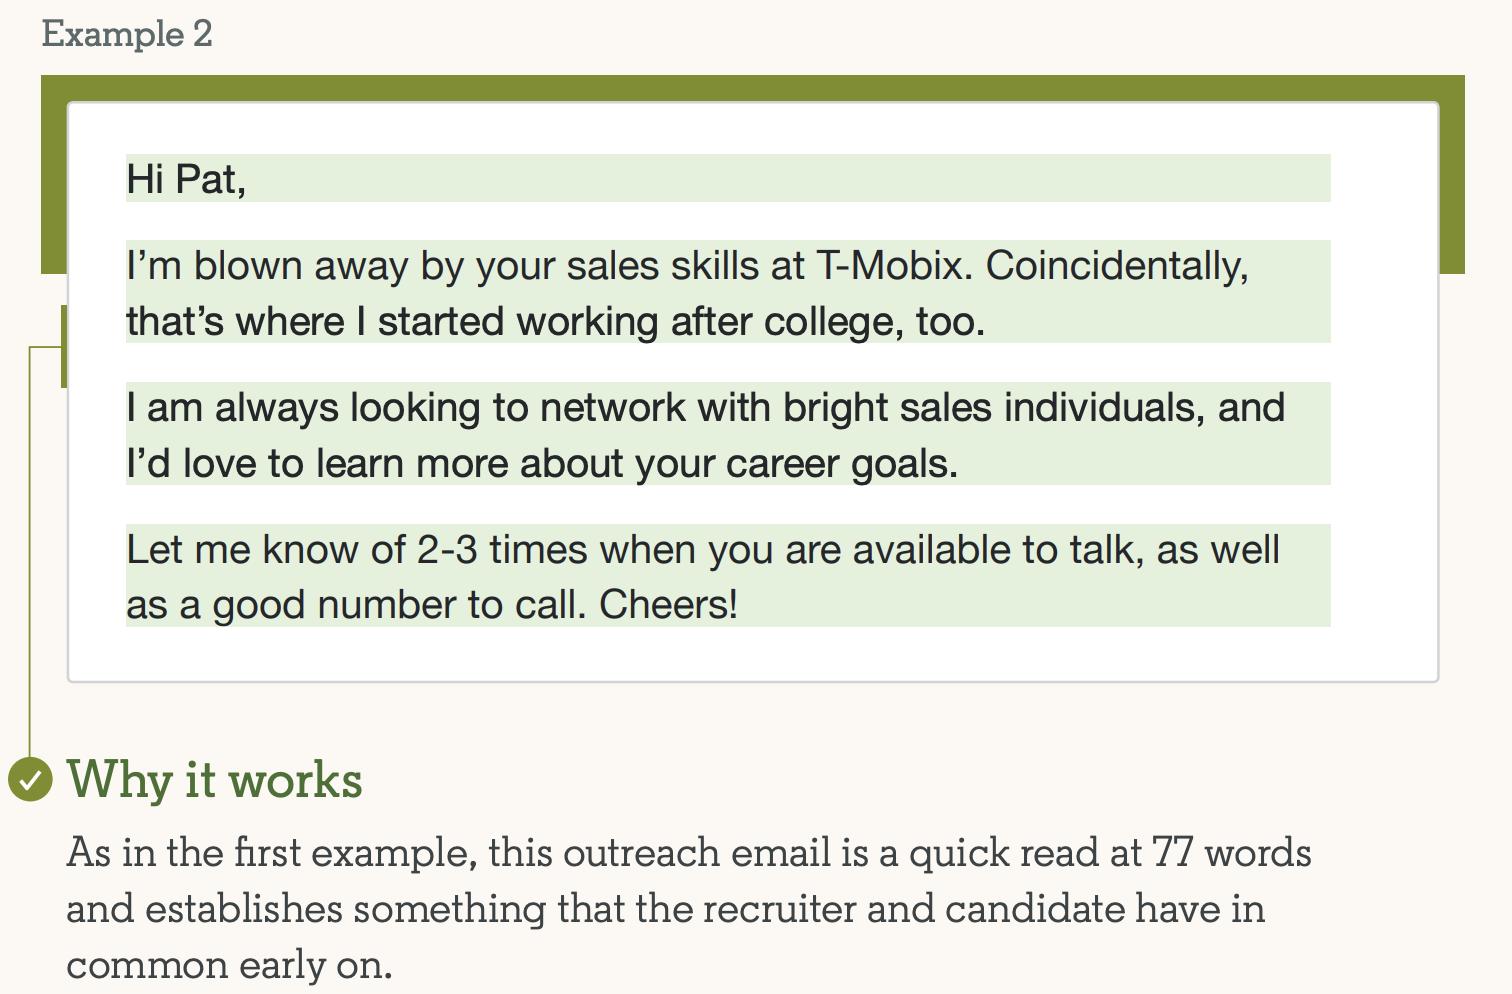 Пример №2 успешной отправки сообщений InMail: Привет, Пэт, я потрясен вашими навыками продаж в T-Mobix.  По совпадению, именно там я и начал работать после колледжа.  Я всегда ищу связи с яркими специалистами по продажам, и мне бы хотелось узнать больше о ваших карьерных целях.  Сообщите мне 2-3 раза, когда с вами можно будет поговорить, а также укажите подходящий номер для звонка.  Ваше здоровье!  Почему это работает: как и в первом примере, это информационное письмо представляет собой быстрое прочтение, состоящее из 77 слов, и выявляет нечто общее между рекрутером и кандидатом на раннем этапе.